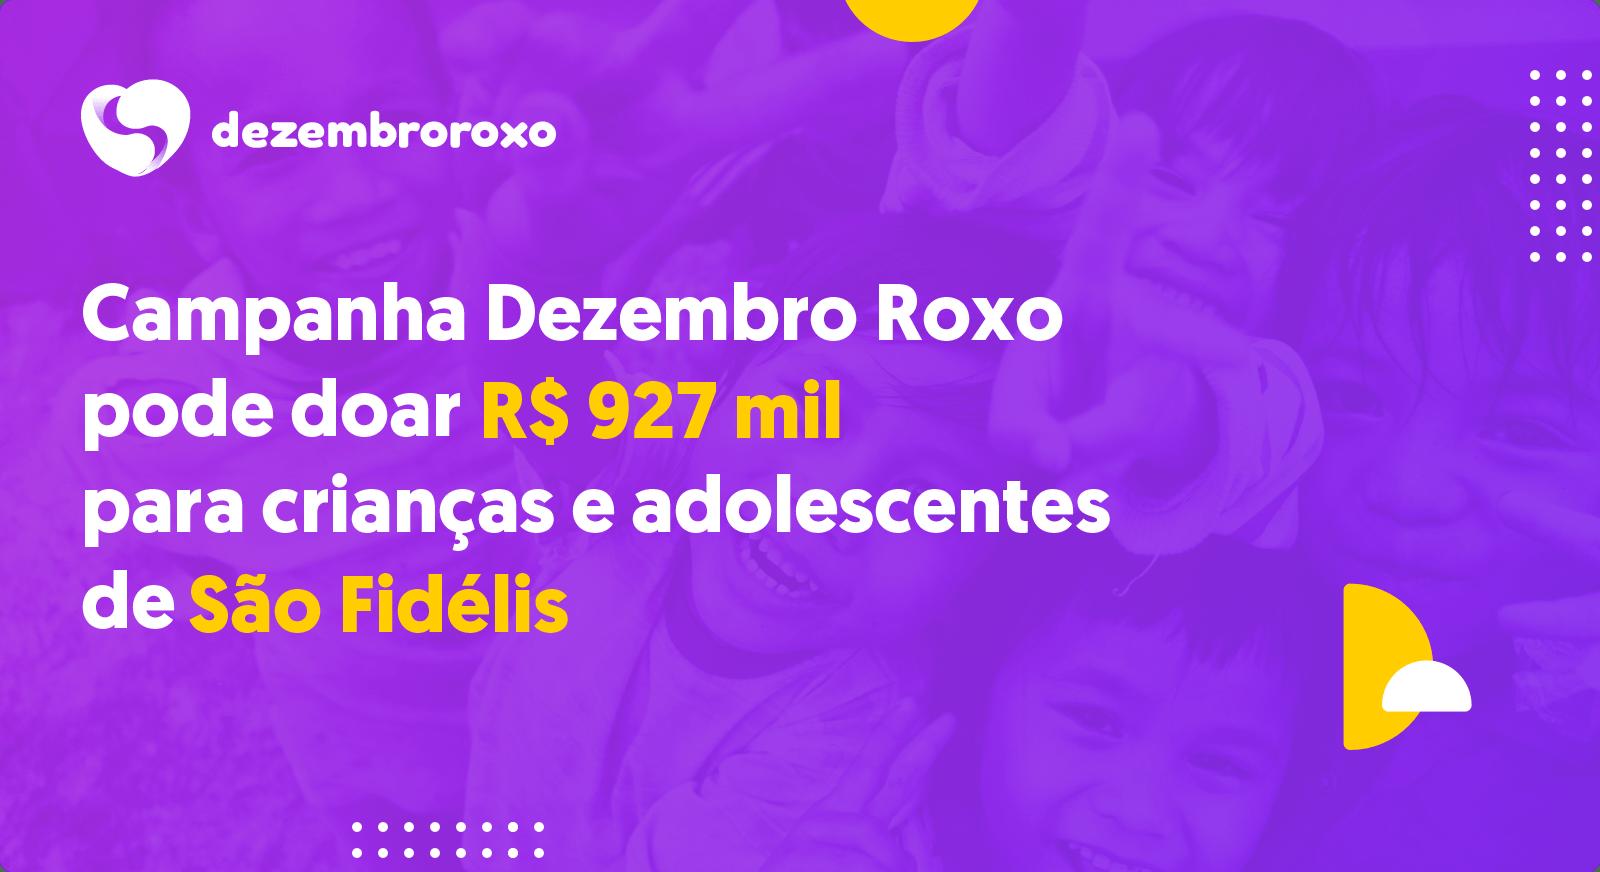 Doações em São Fidélis - RJ